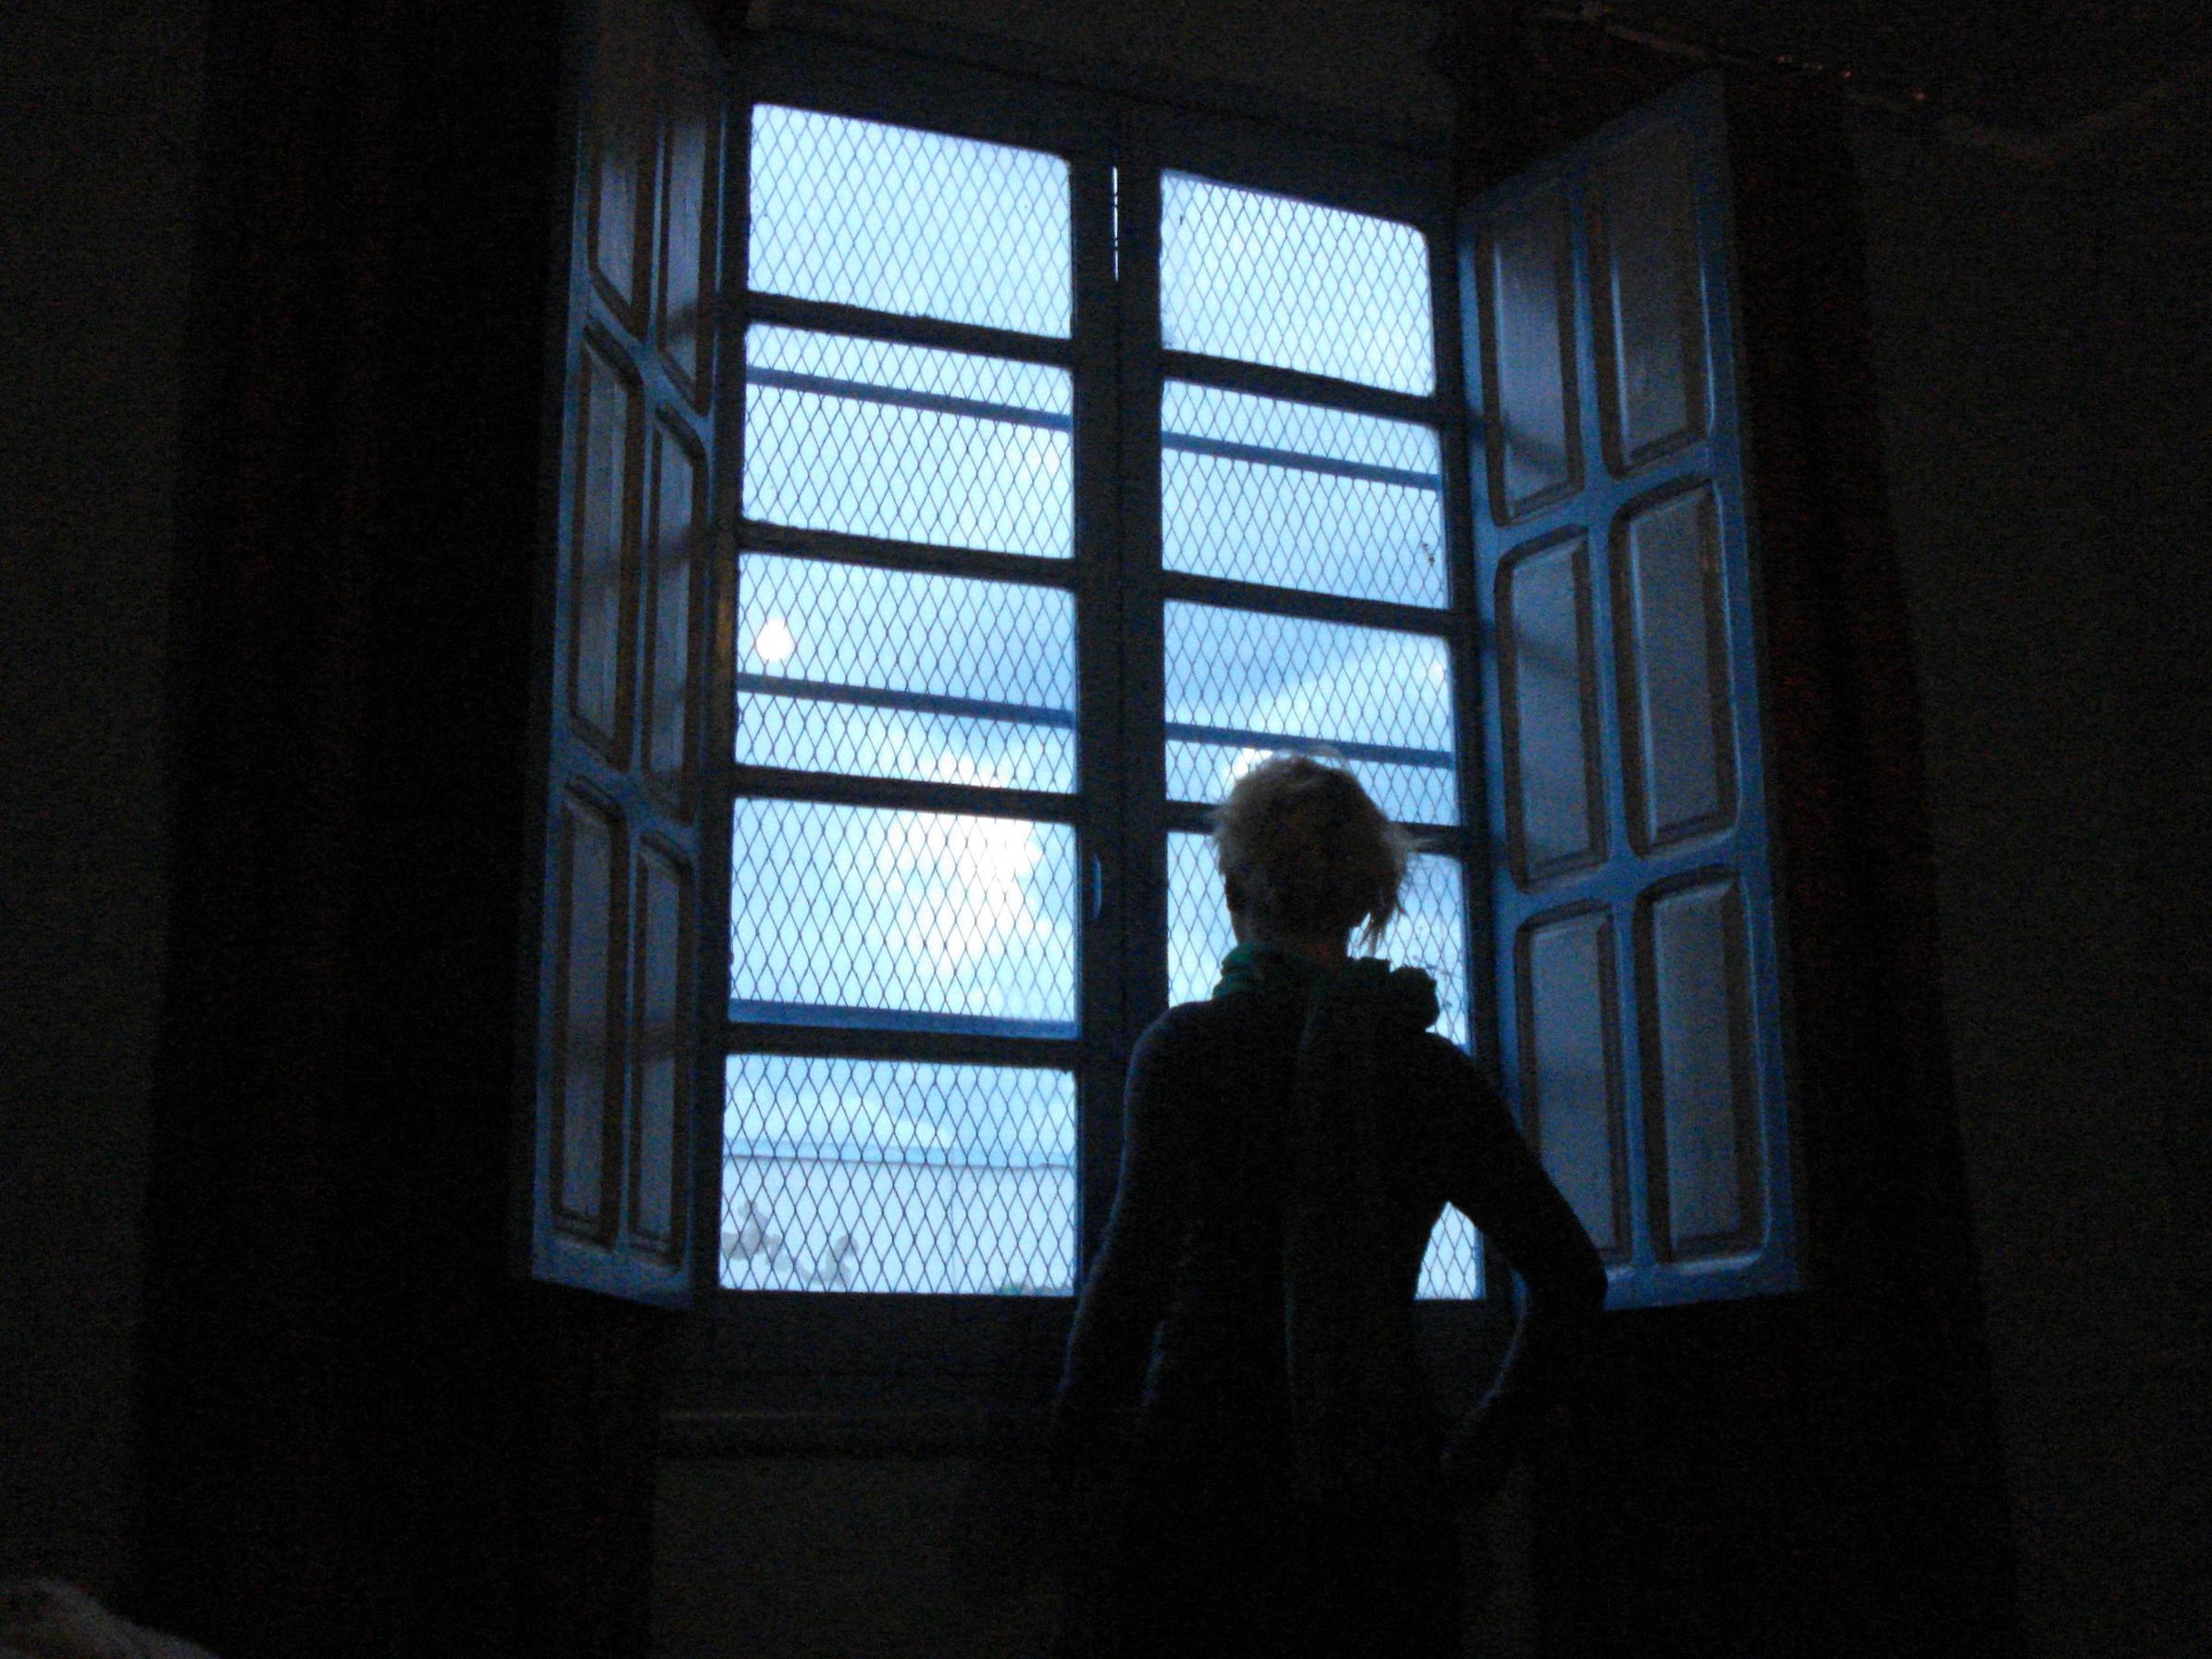 Antycegłowe zabezpieczenia w oknach